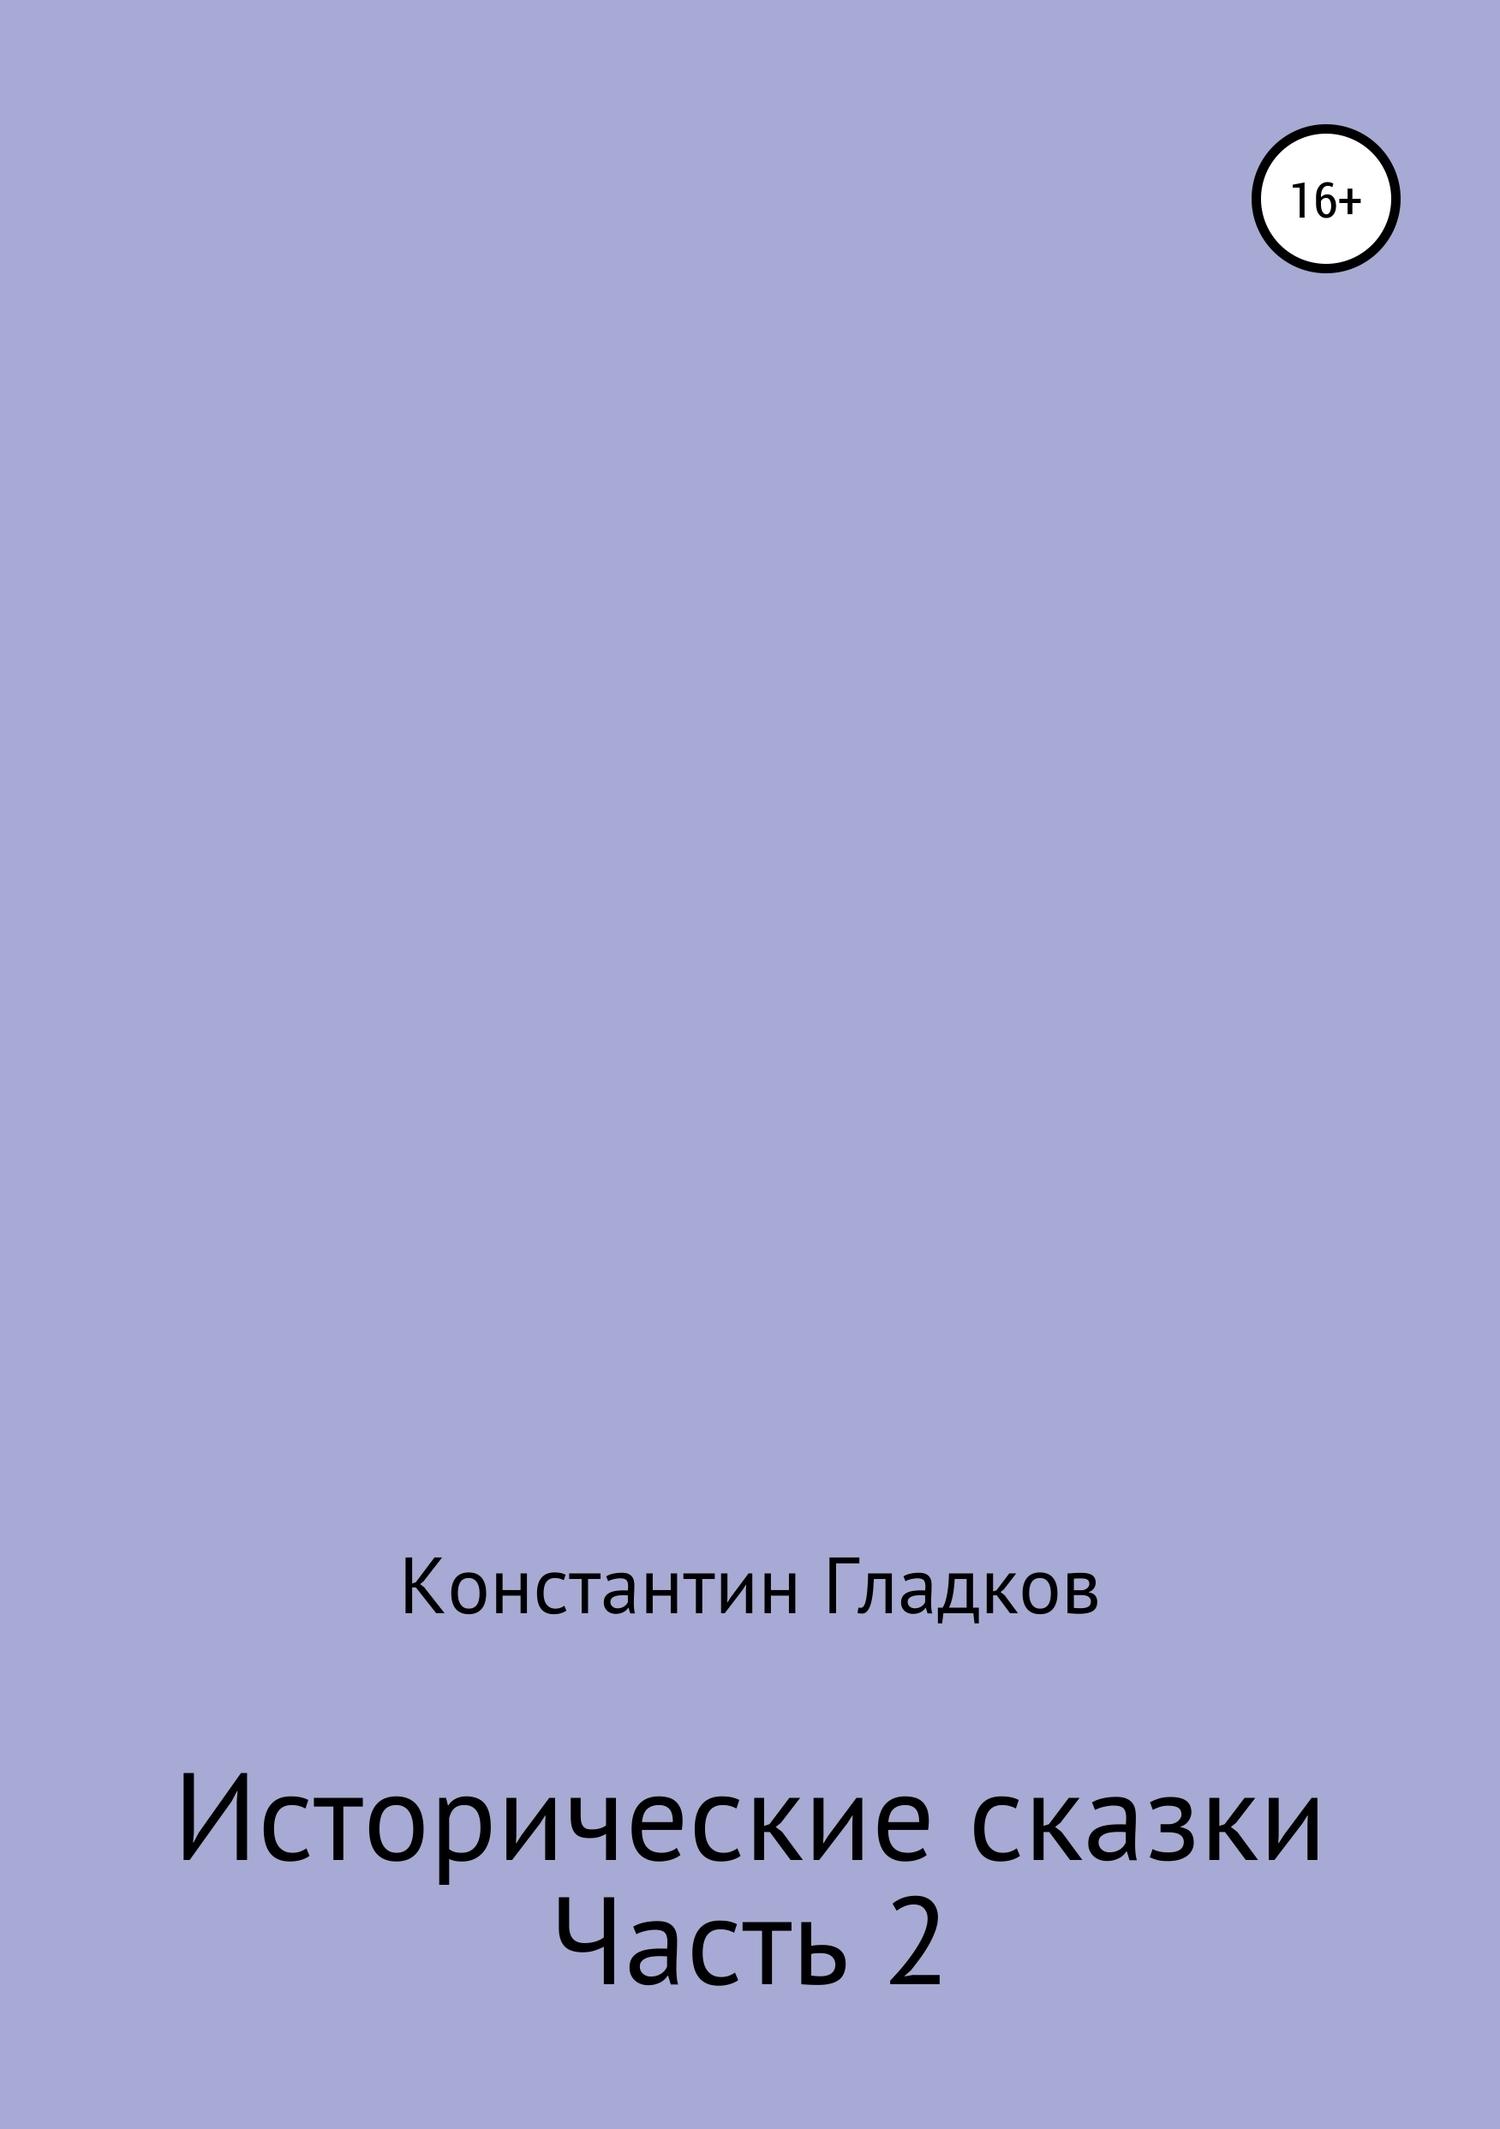 Константин Гладков - Исторические сказки. Часть 2